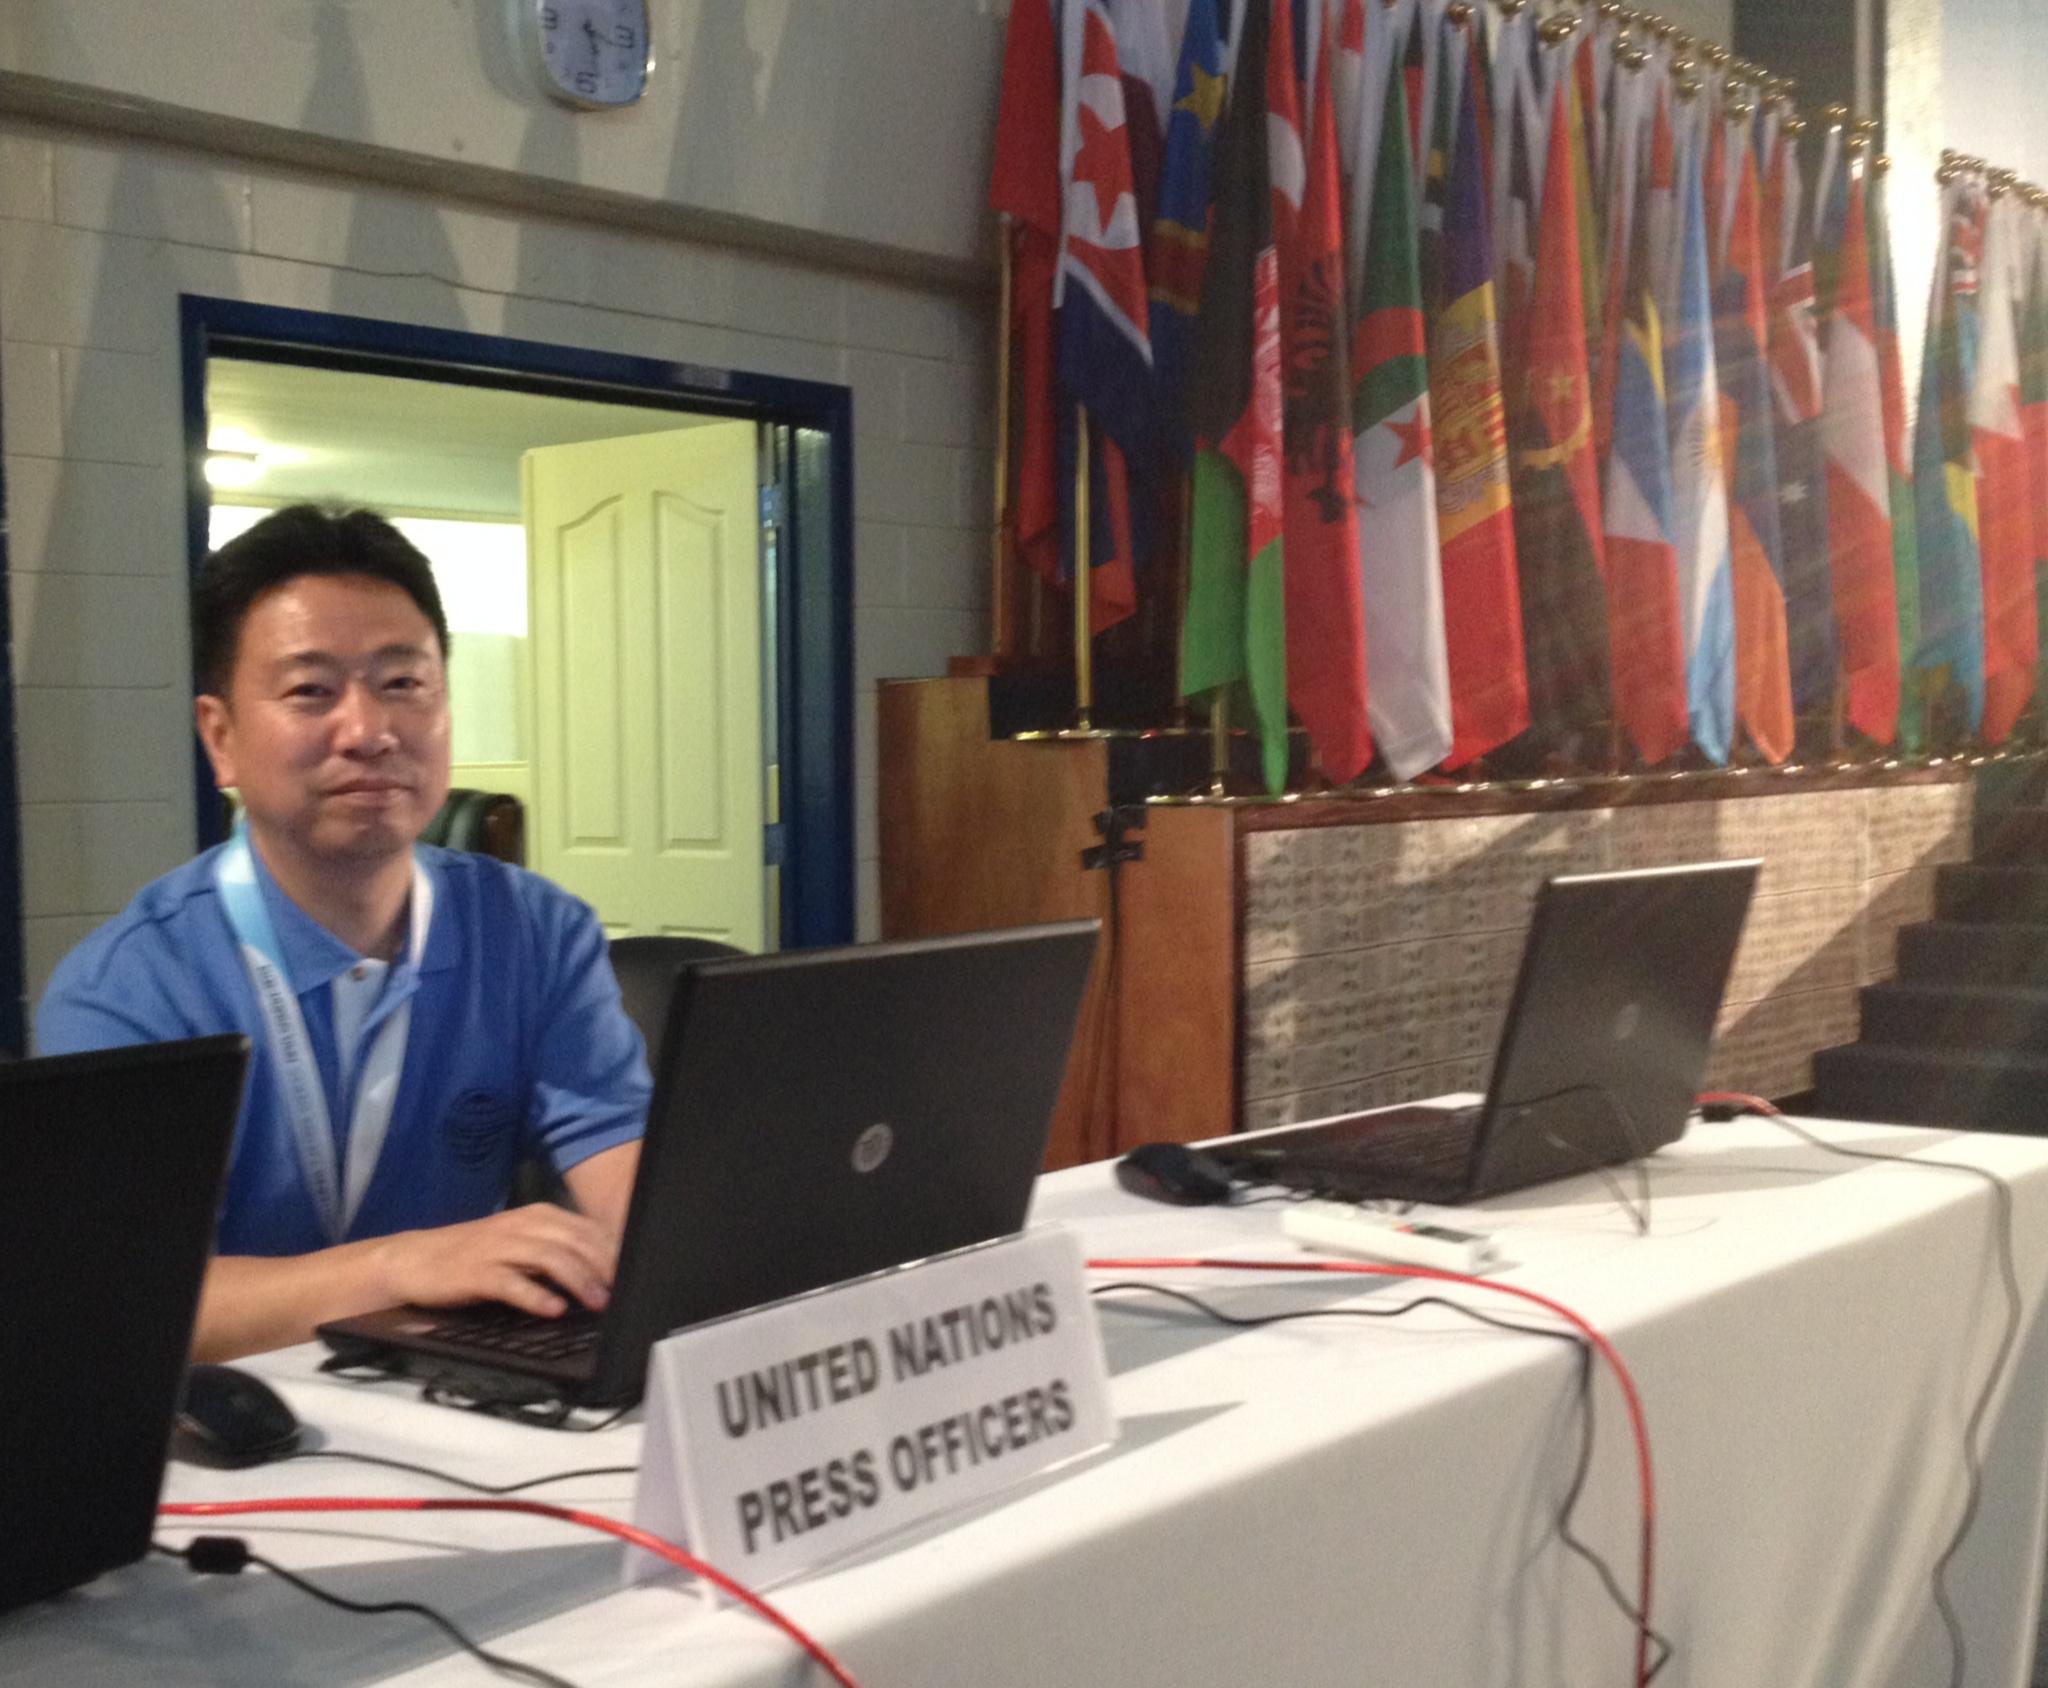 2014年サモアで行われた小島嶼開発途上国(SIDS)国際会議をカバーしたときの様子